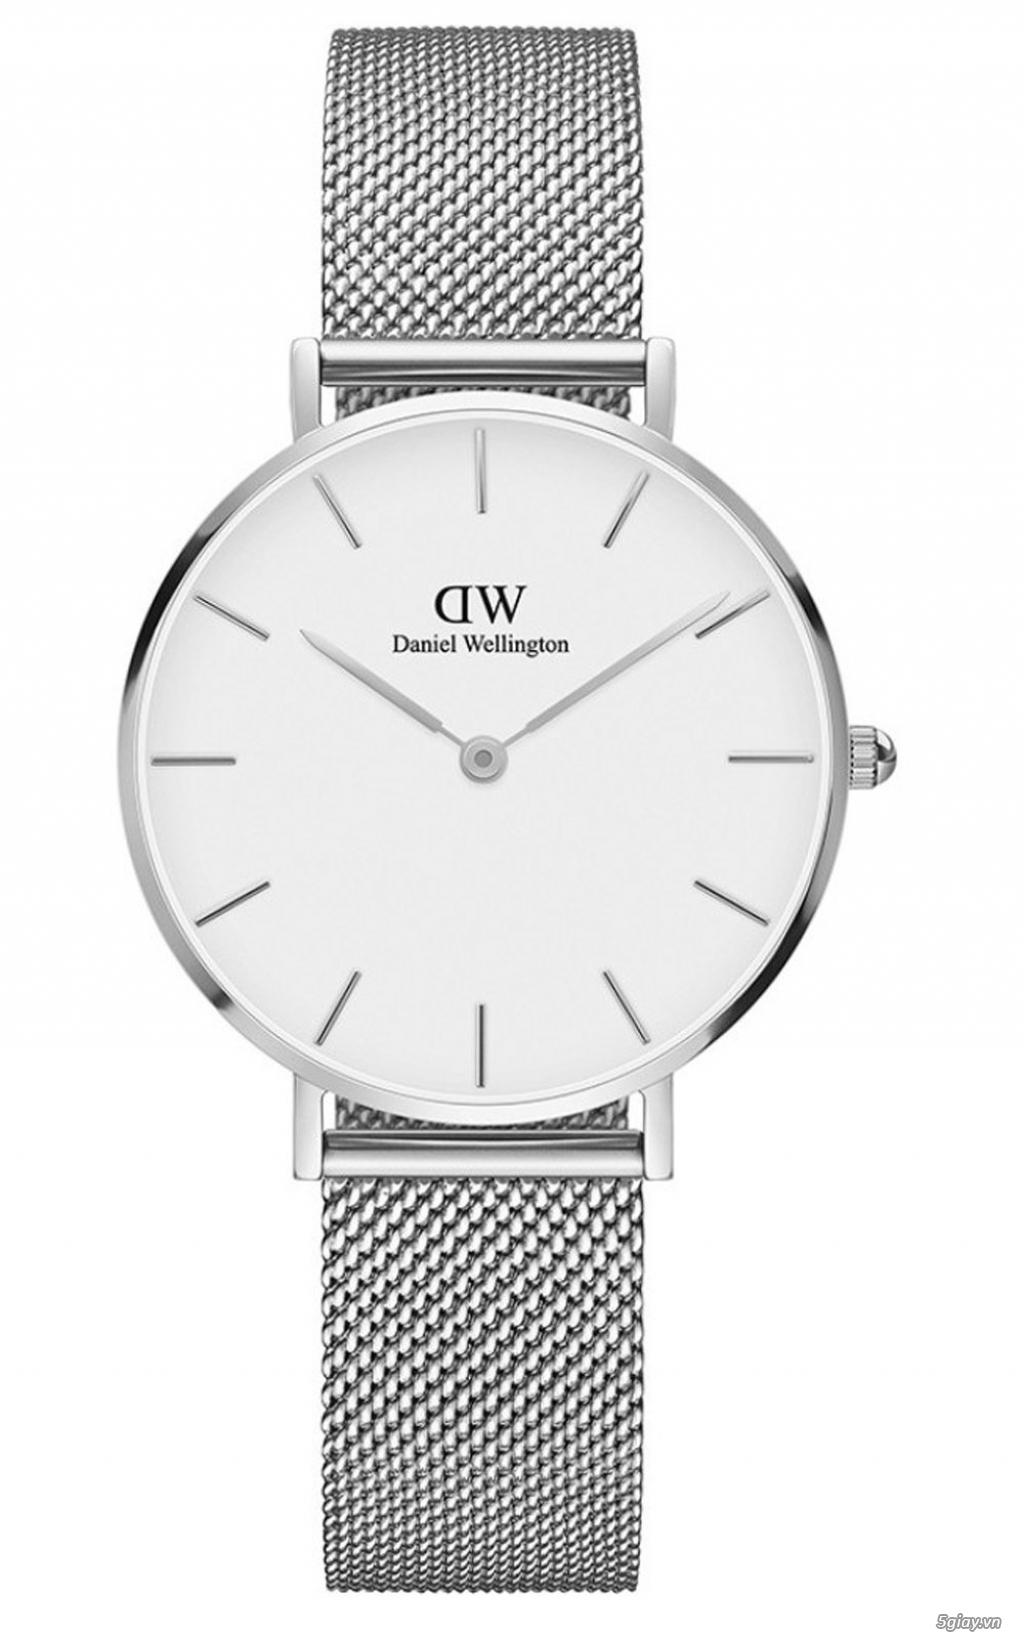 Đồng hồ Daniel Wellington- chánh hãng, fullbox mới 100% - 5